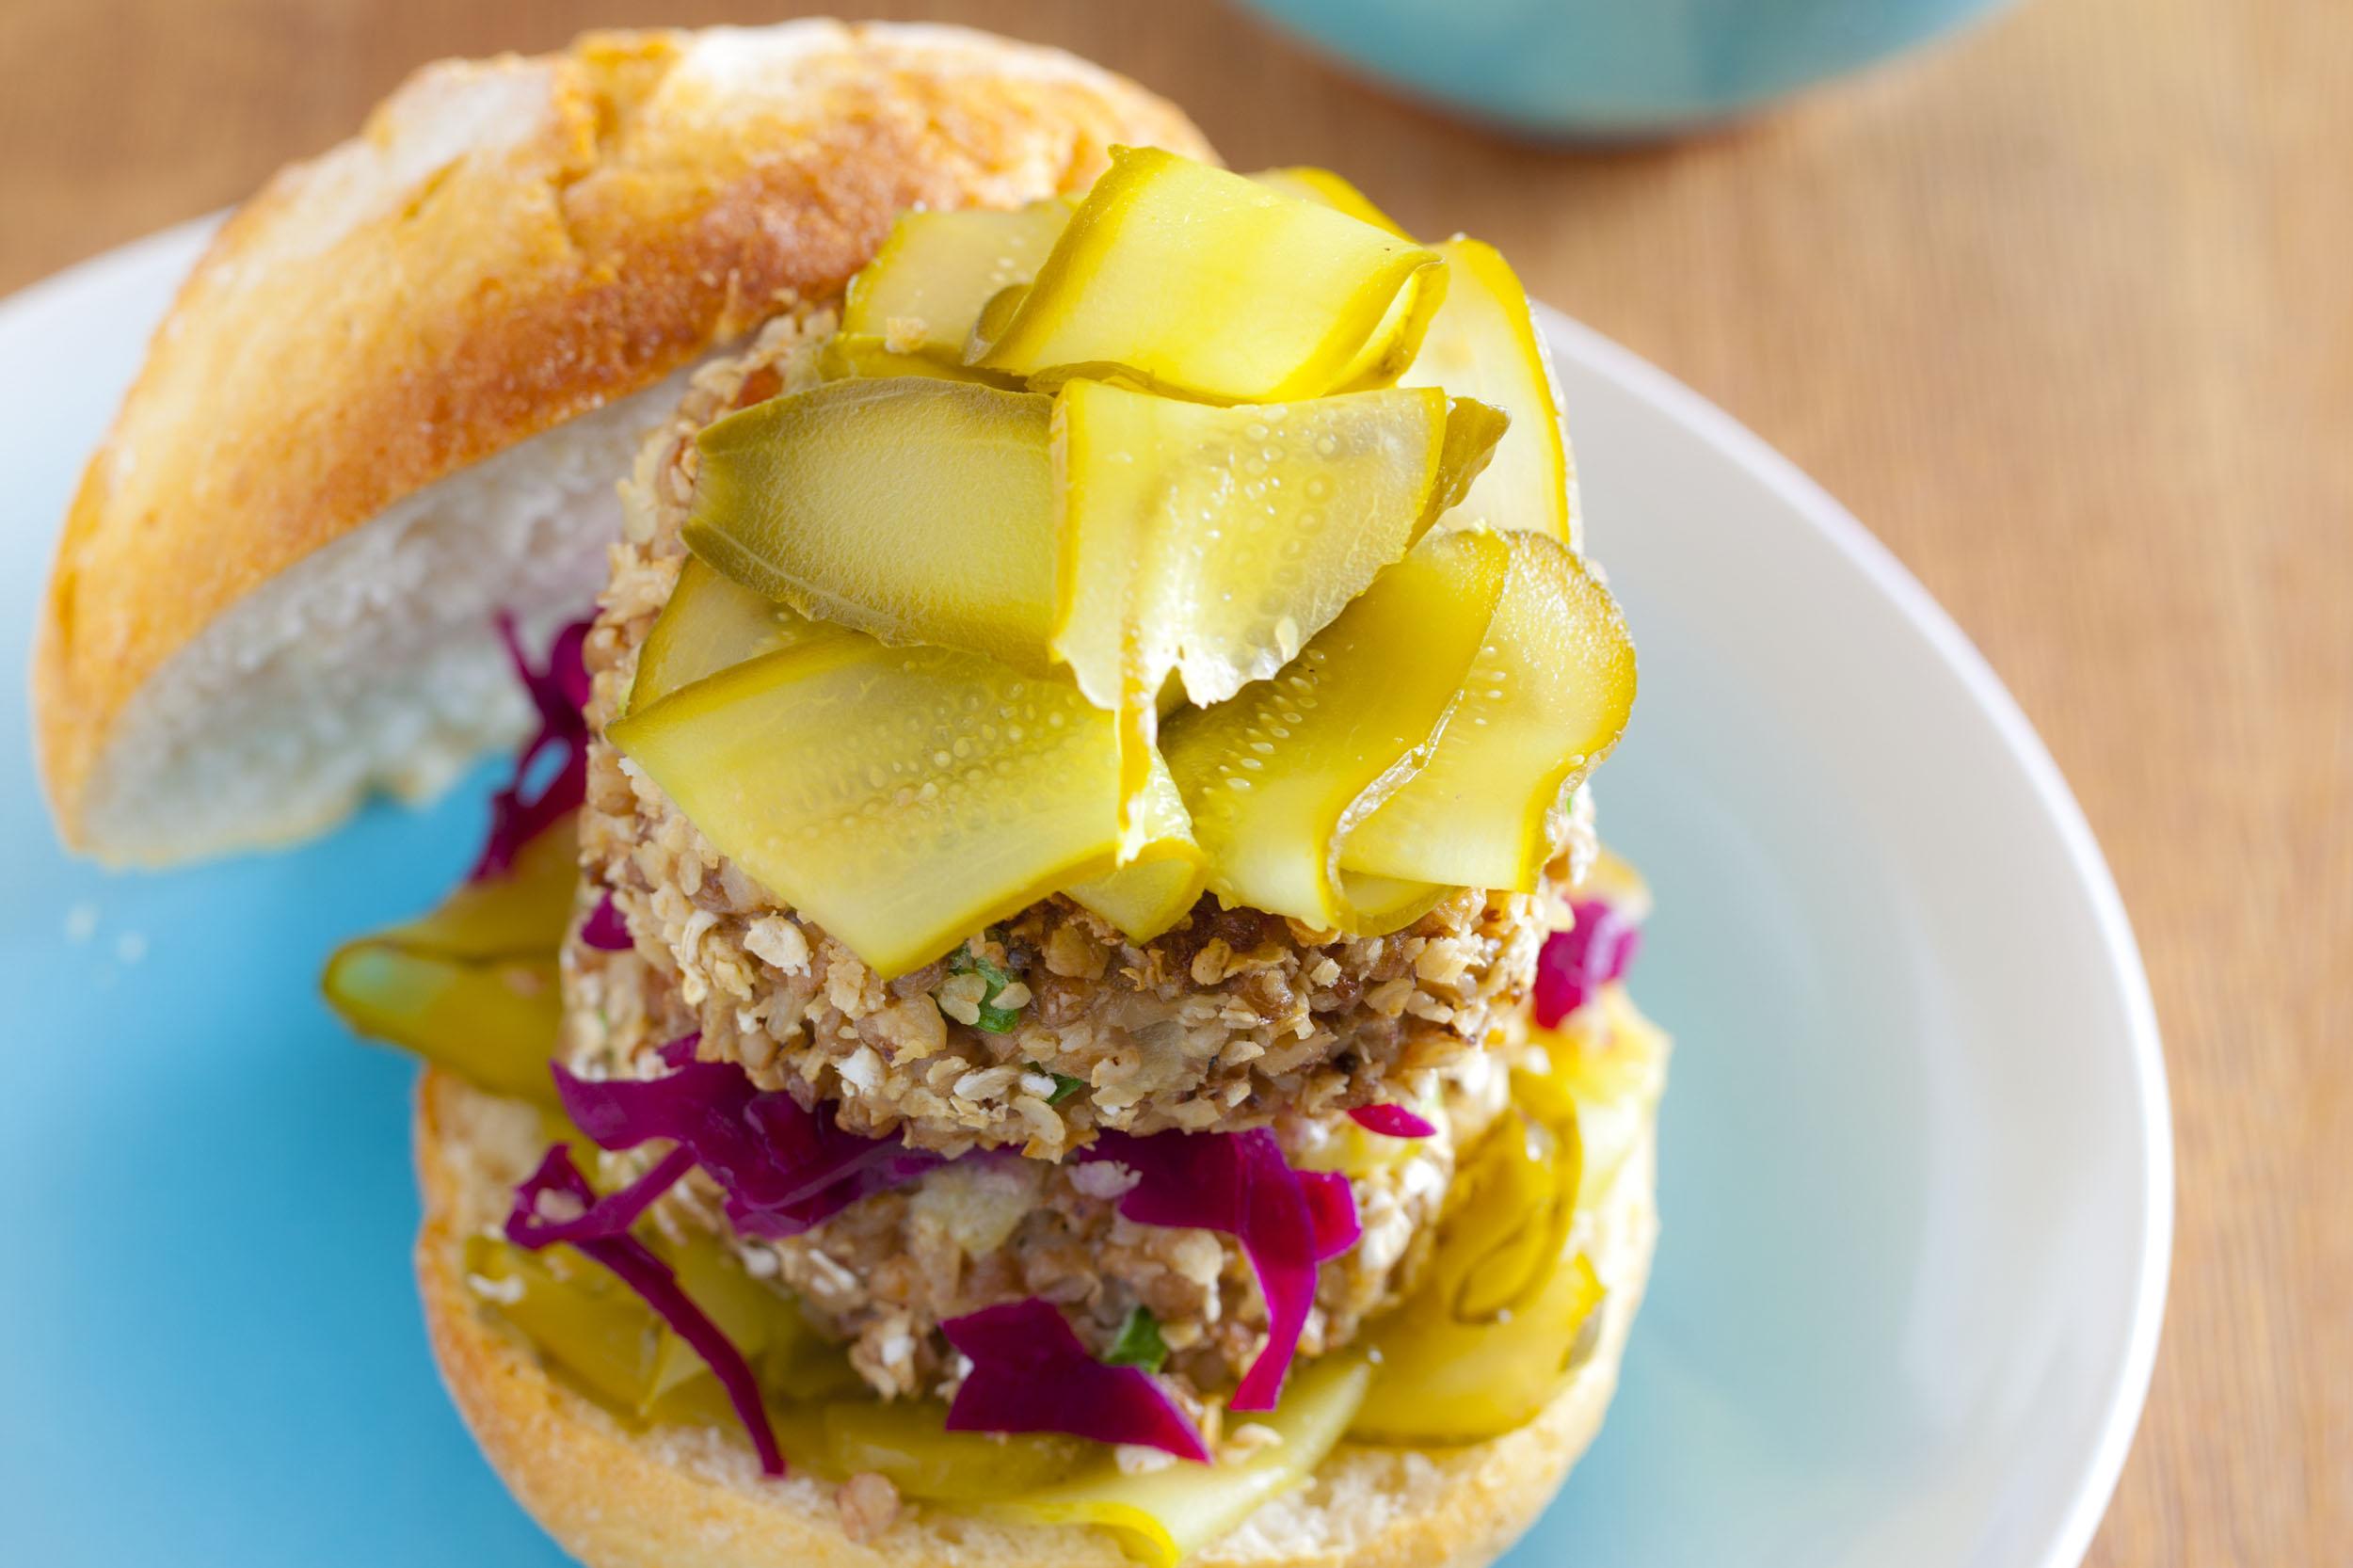 Wege burger z kaszy gryczanej i koziego sera z kiszoną czerwoną kapustą i ogórkami